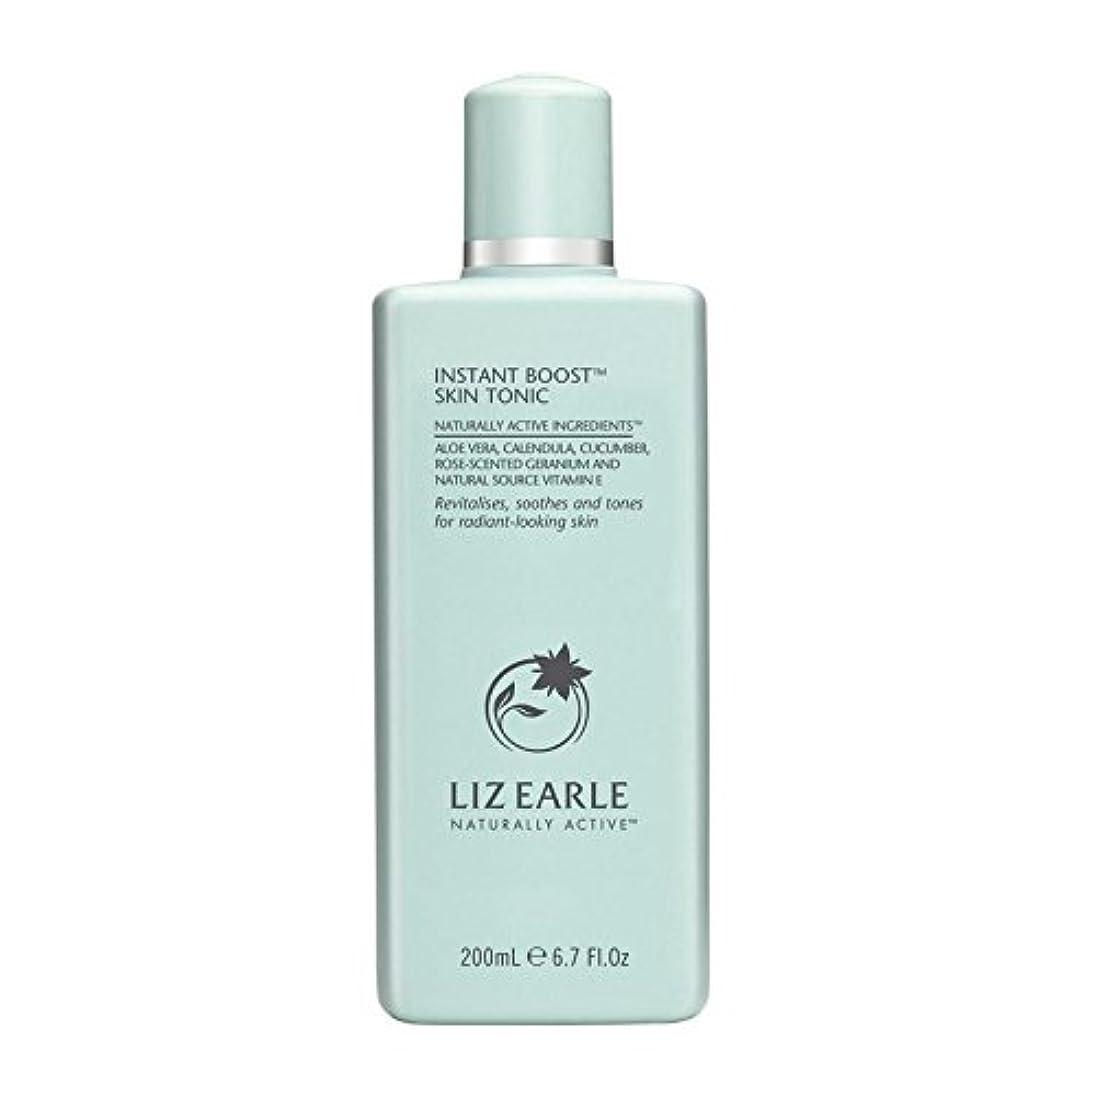 ずんぐりしたペデスタル攻撃的リズアールインスタントブーストスキントニックボトル200ミリリットル x2 - Liz Earle Instant Boost Skin Tonic Bottle 200ml (Pack of 2) [並行輸入品]